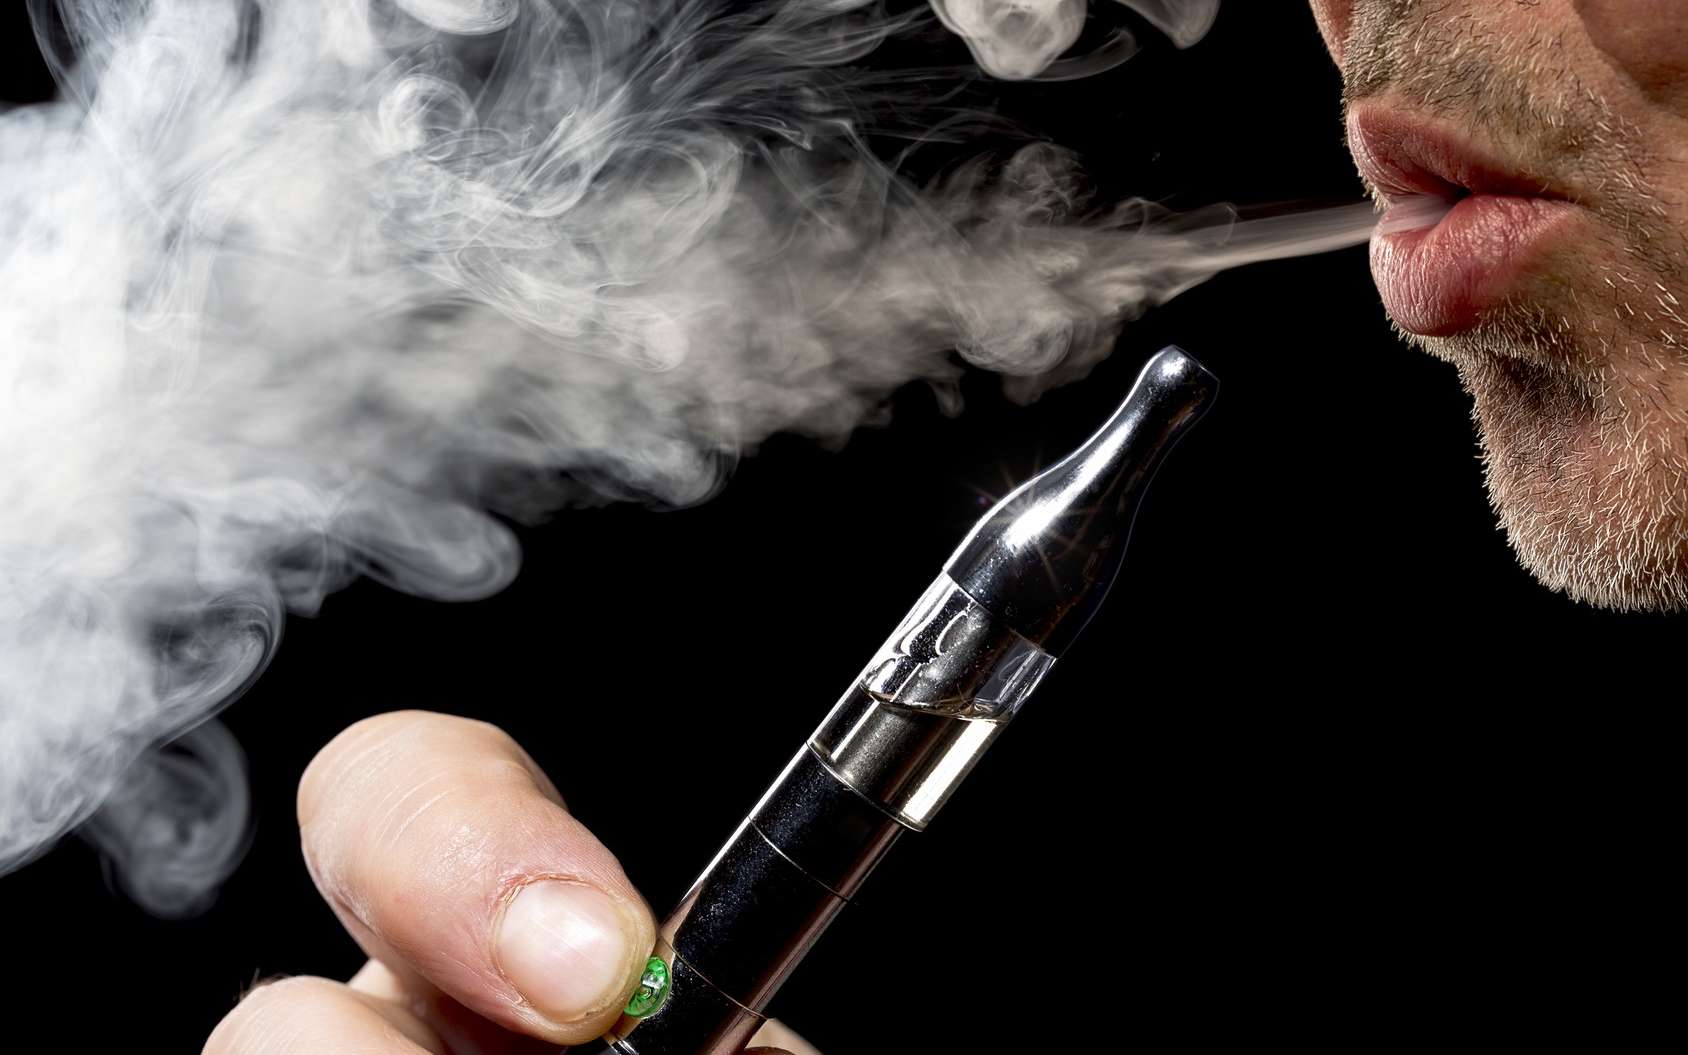 La e-cigarette est-elle moins dangereuse que la cigarette classique ? © Eric Rogozinski, Fotolia